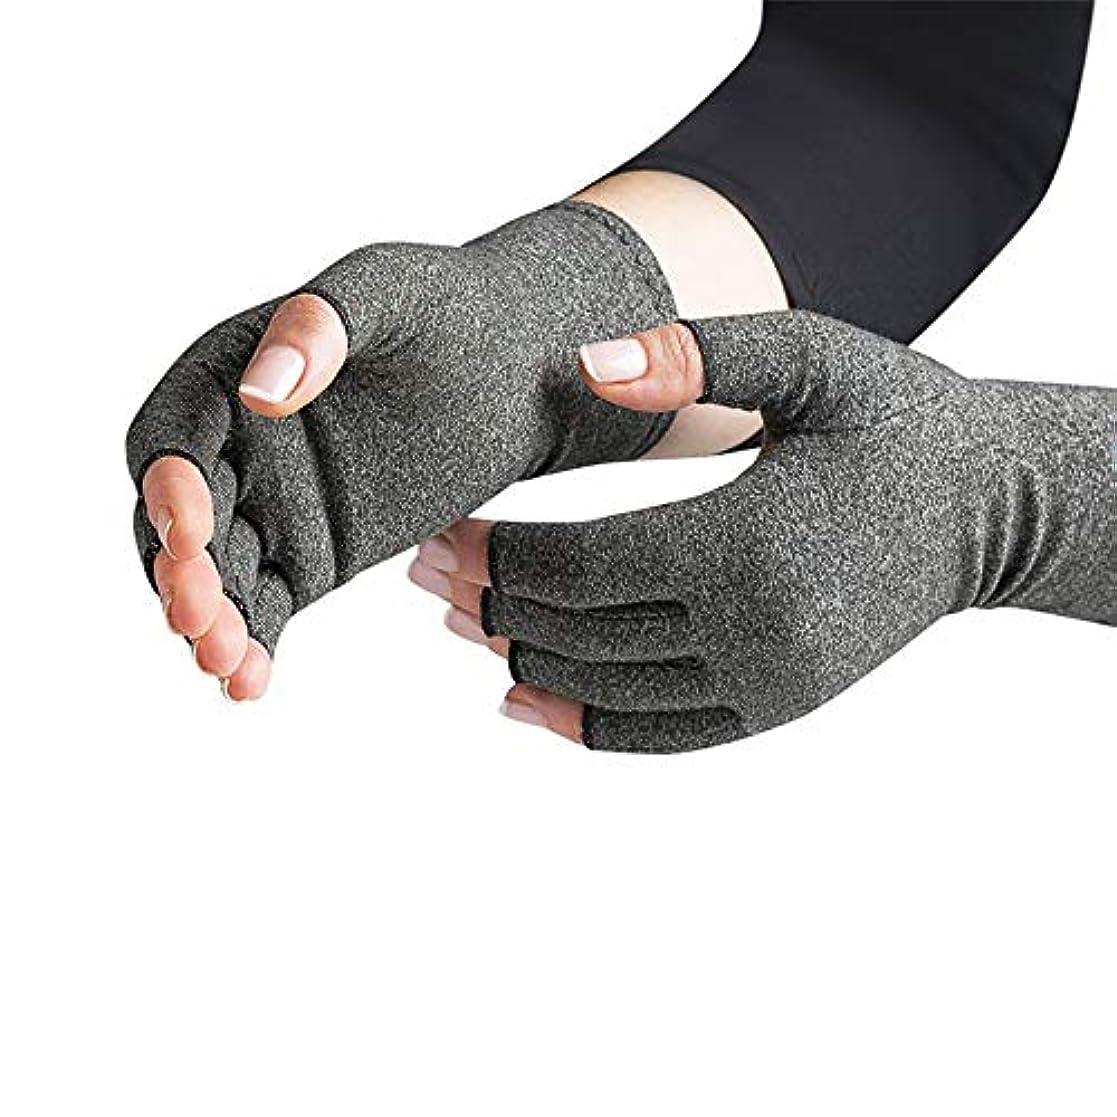 比率通貨貸す関節炎圧縮手袋-女性と男性のための関節炎の痛みを軽減するハンドウォーマー